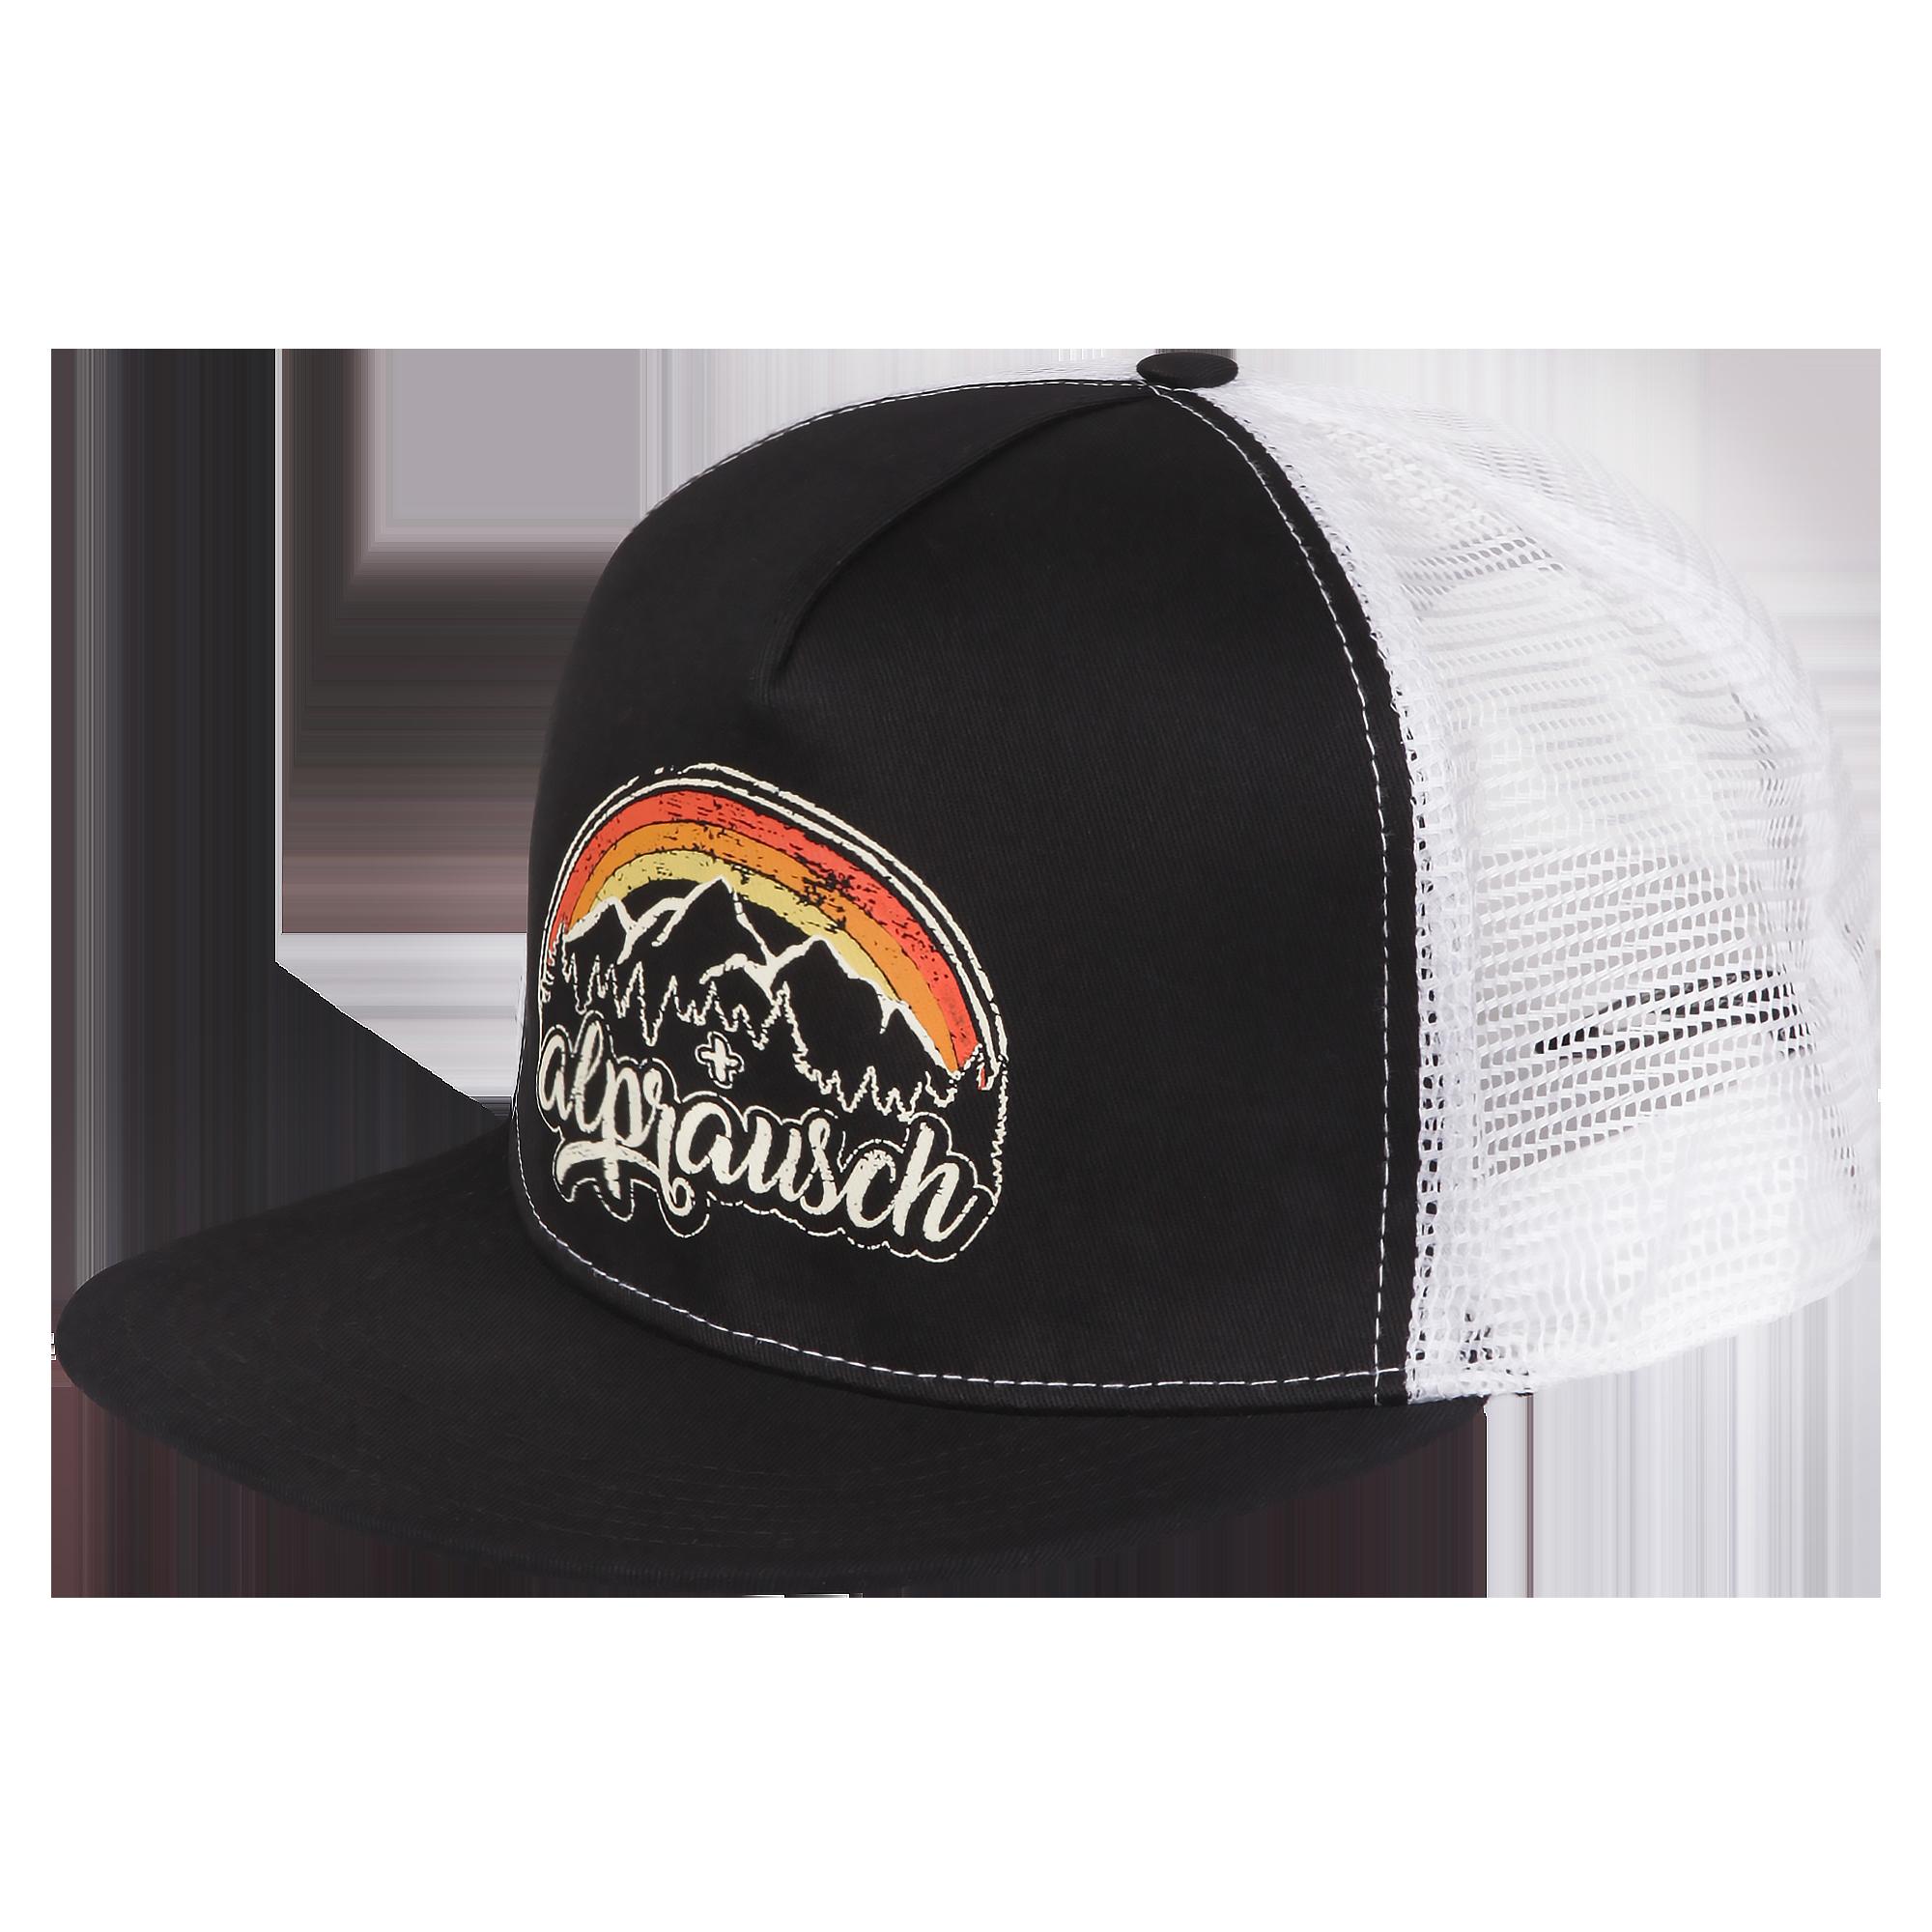 Alprausch - Caps